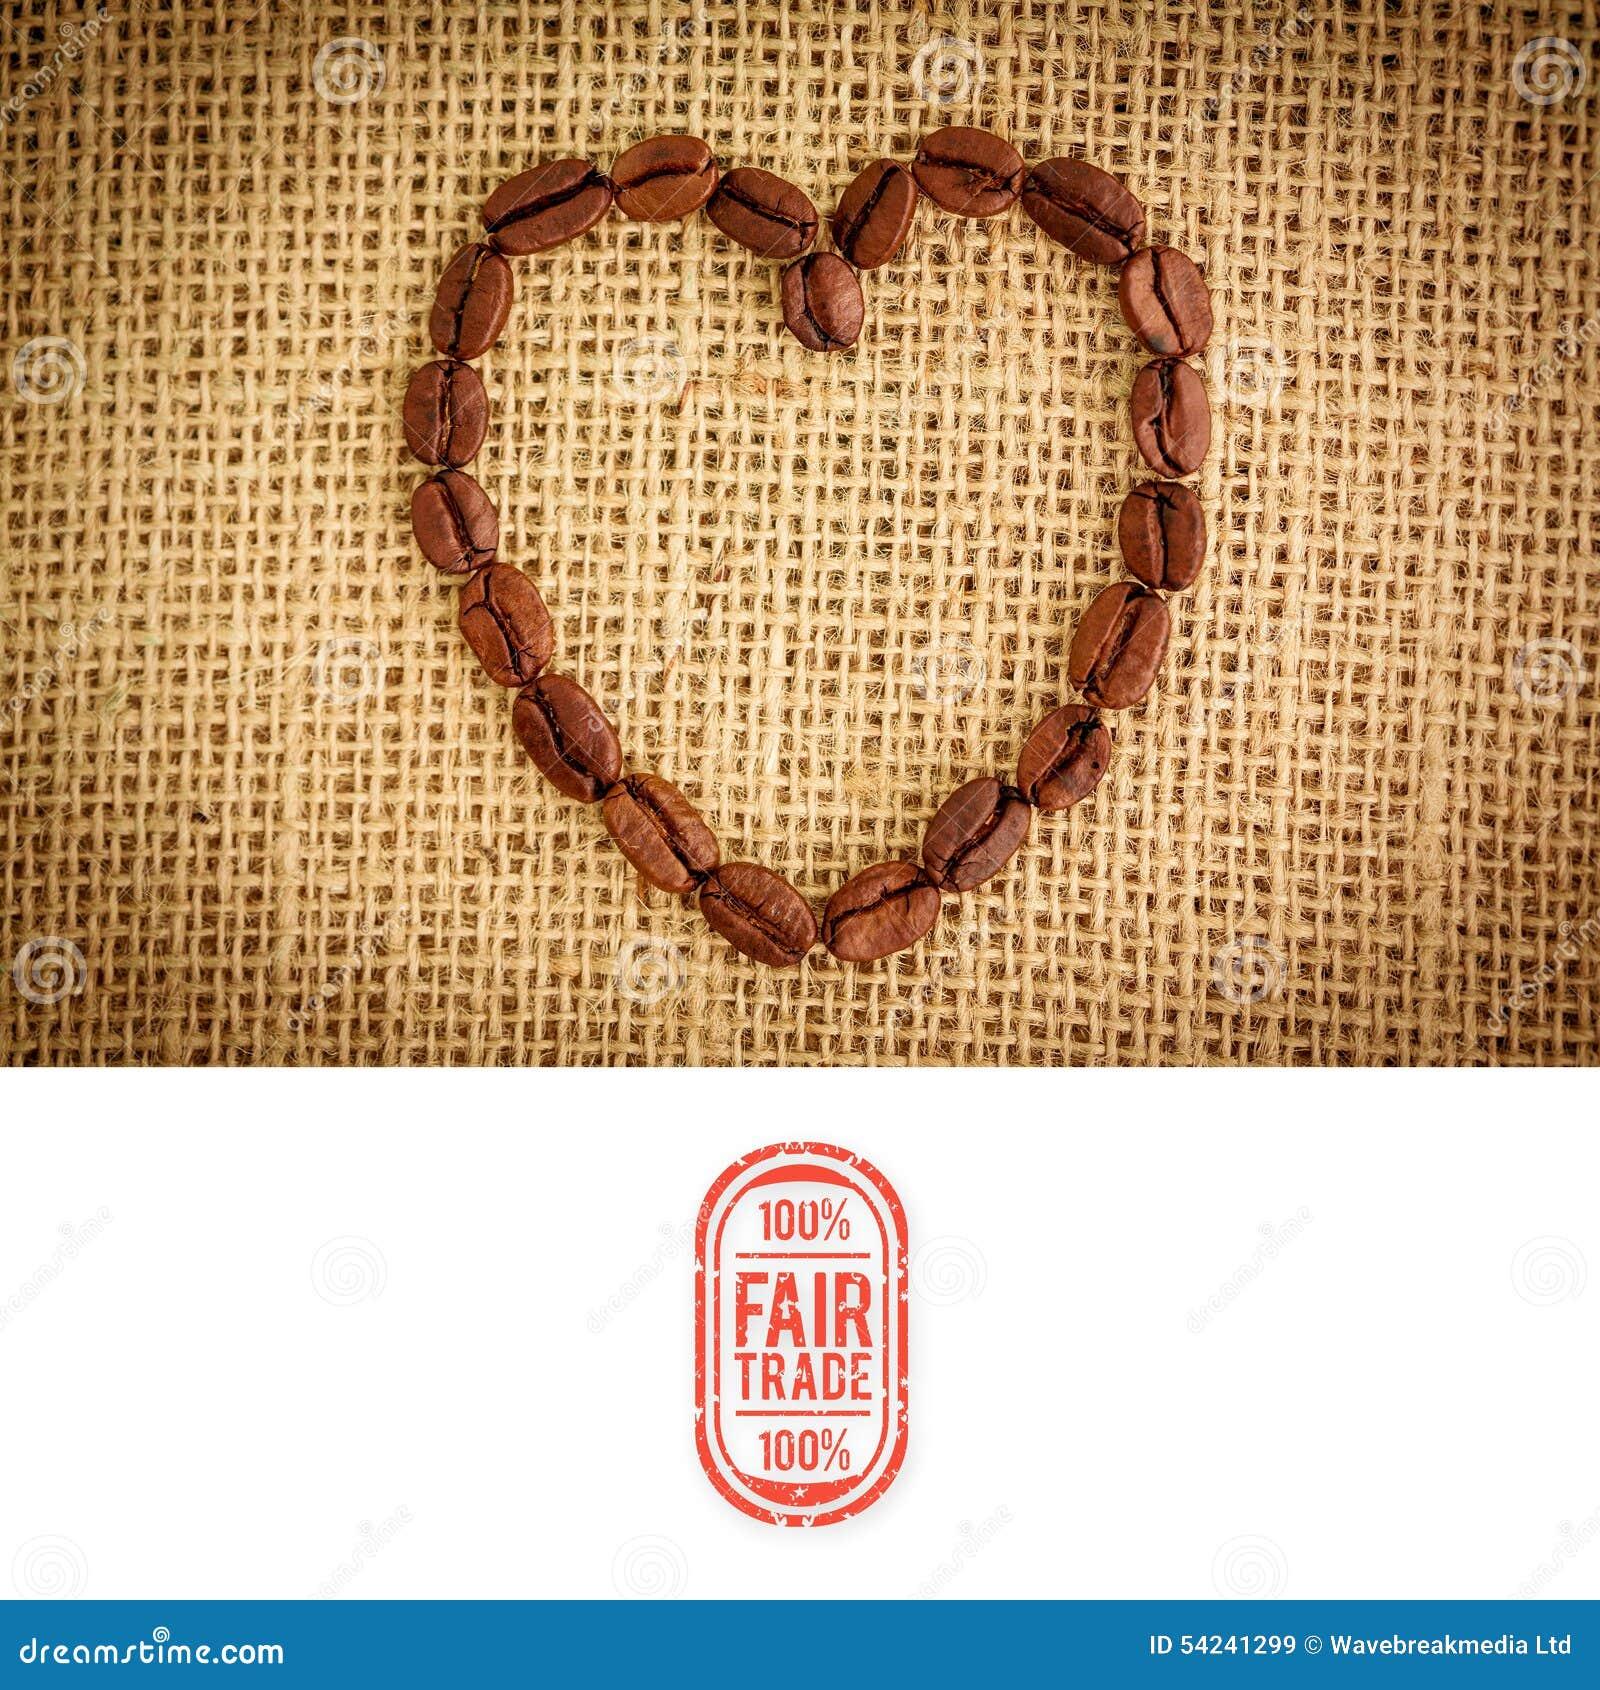 Imagen compuesta del gráfico del comercio justo